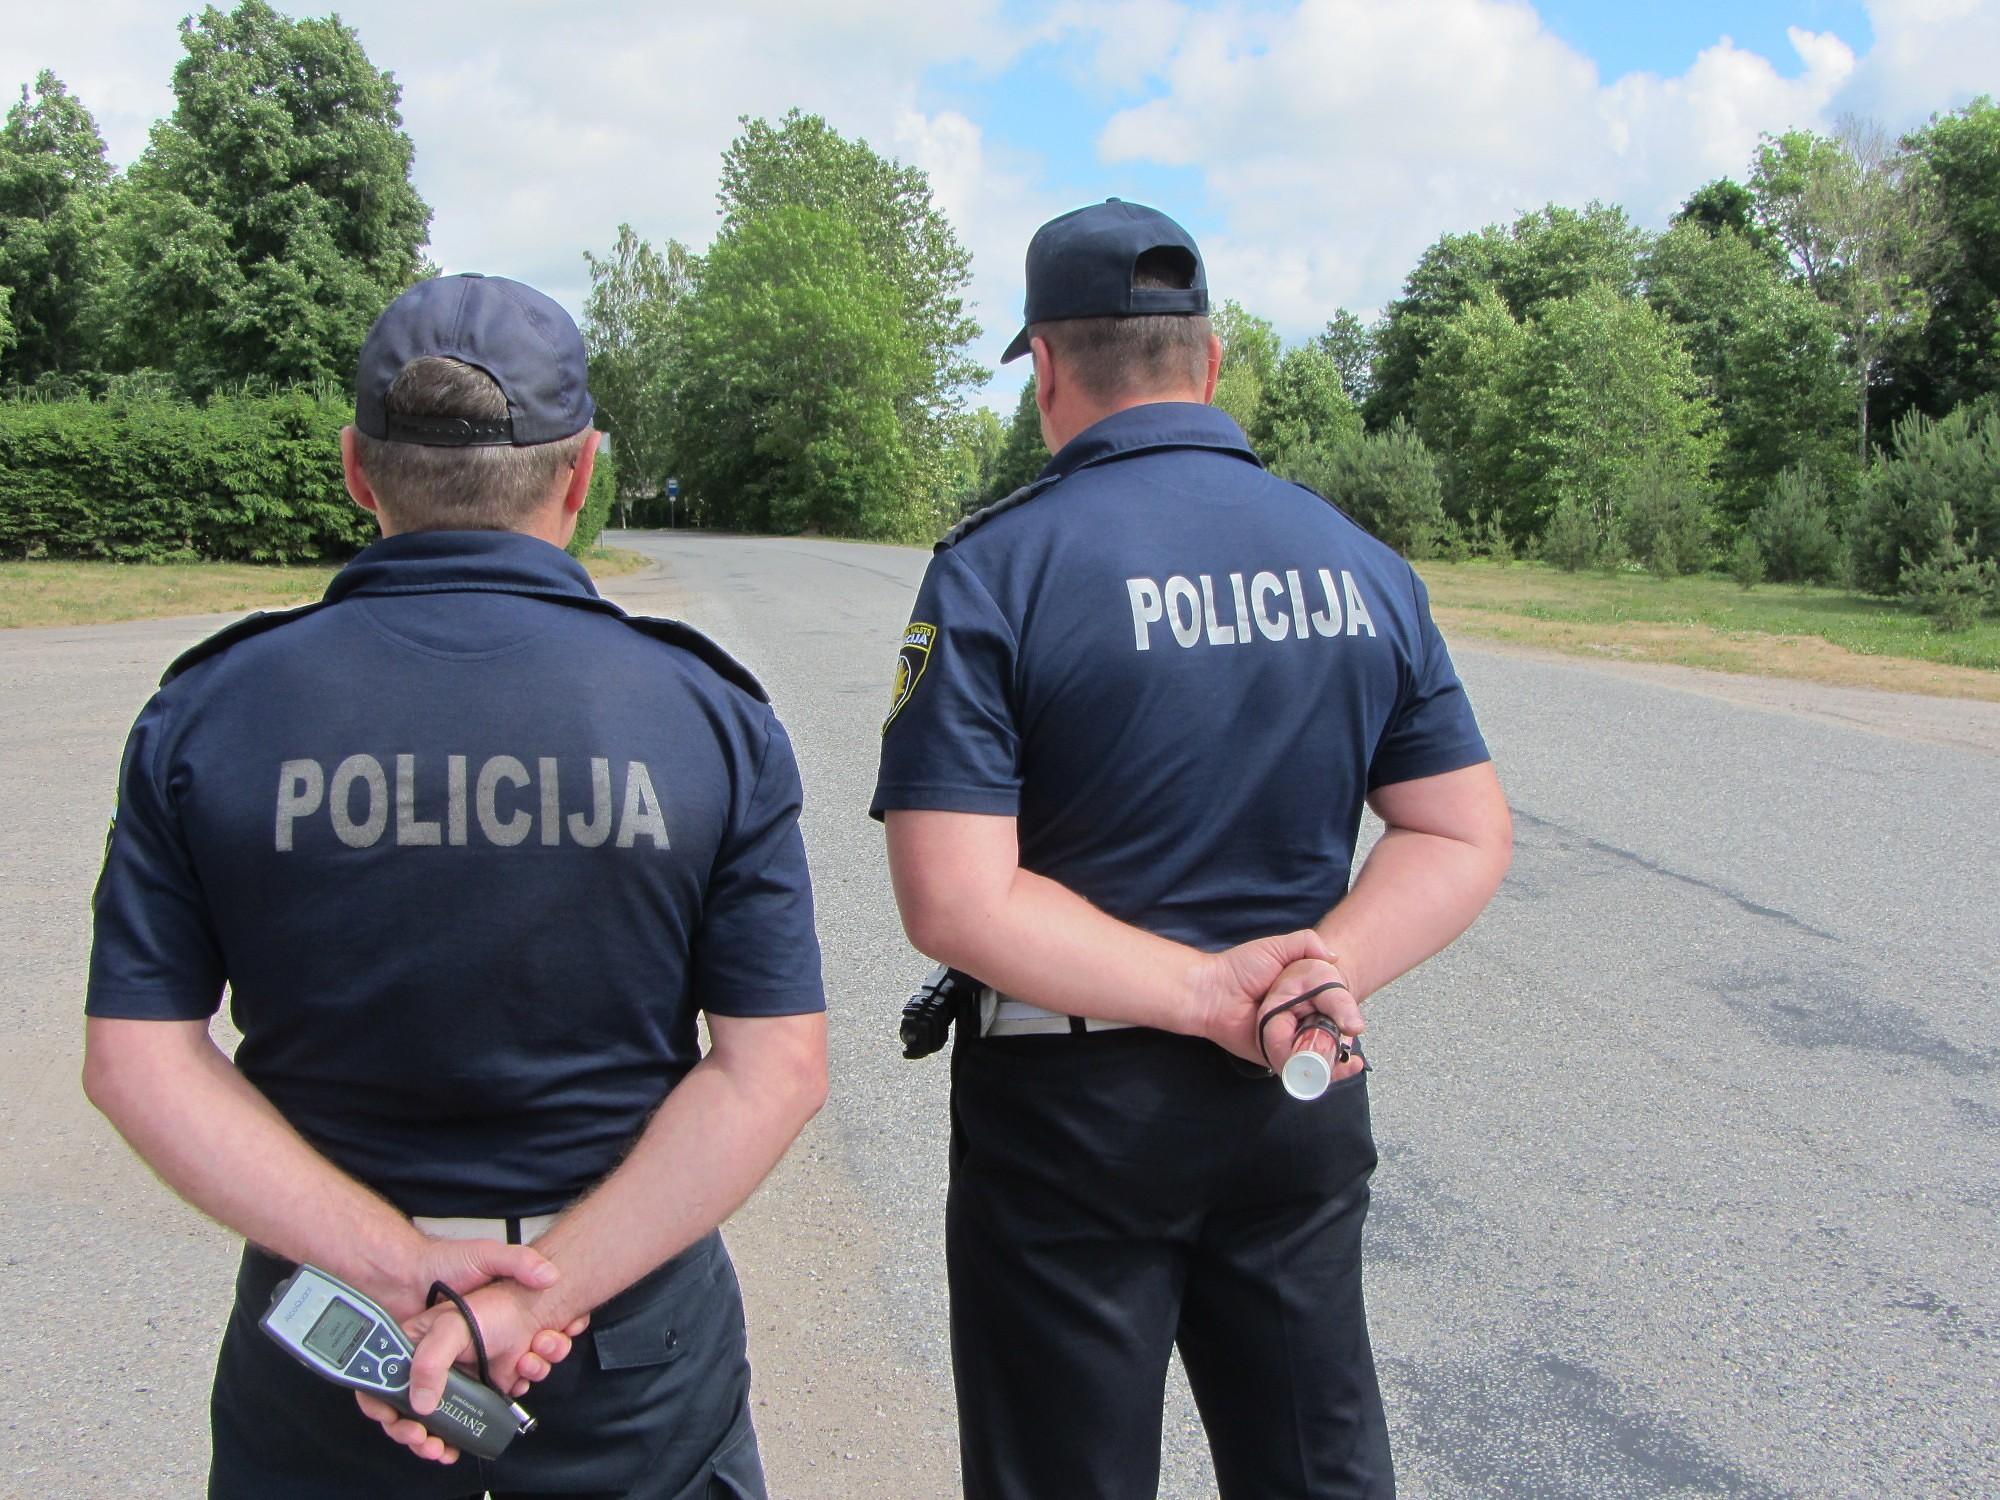 За празднующими будет присматривать полиция